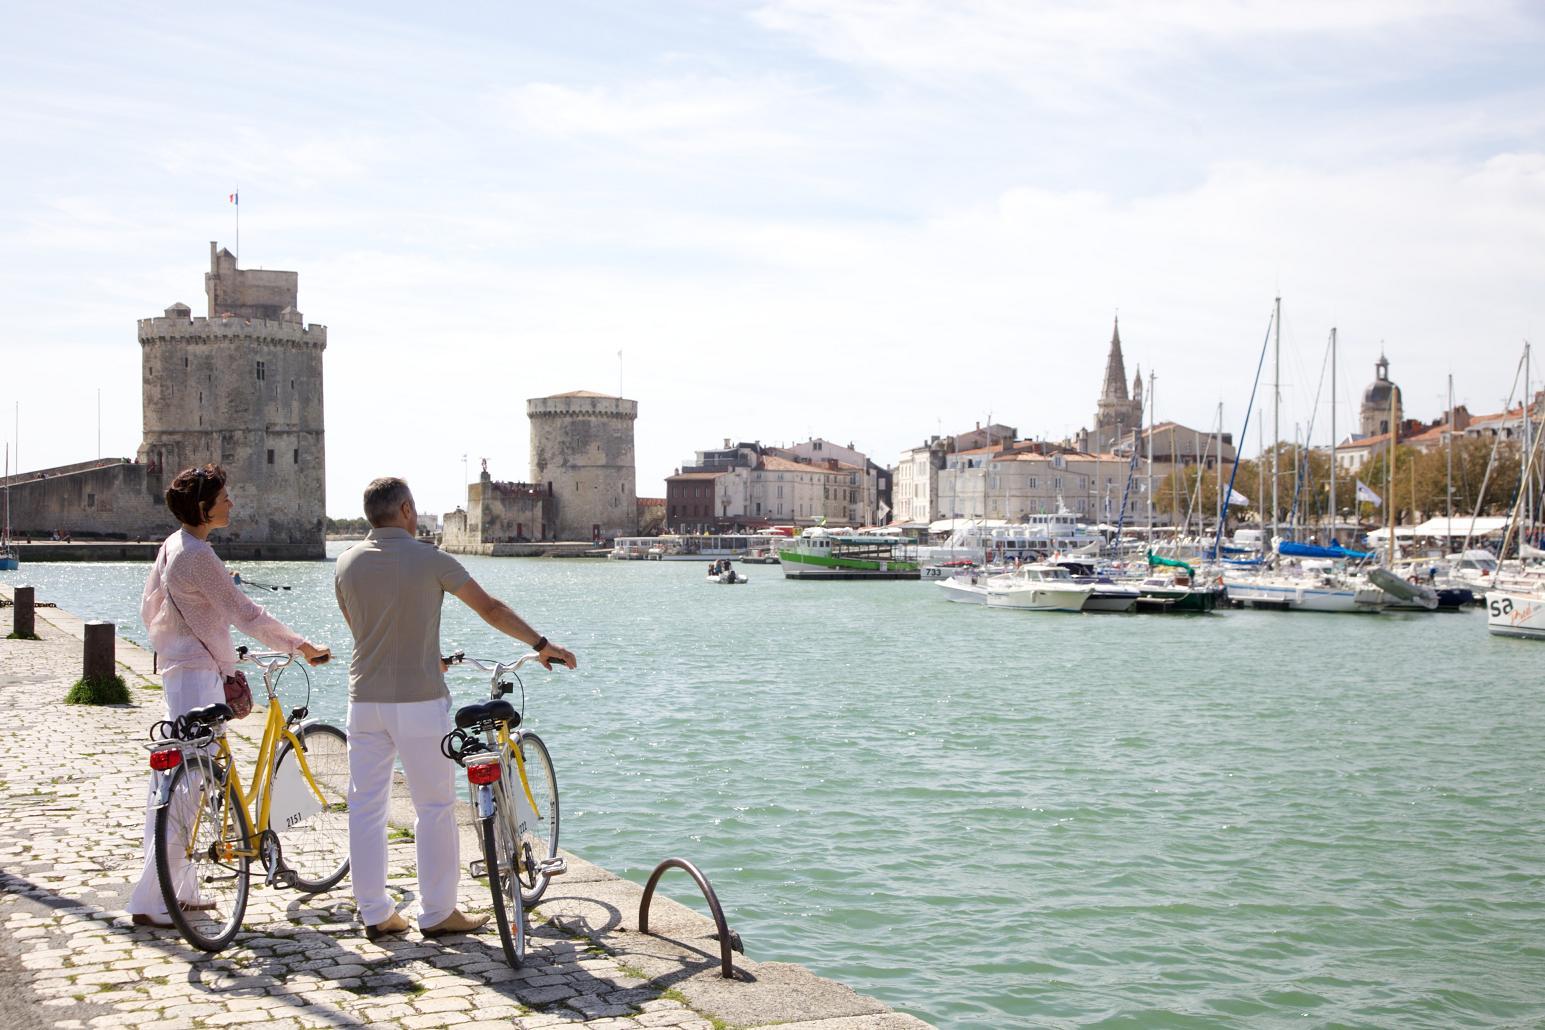 Европа : Ла-Рошель - портовый город на западе Франции